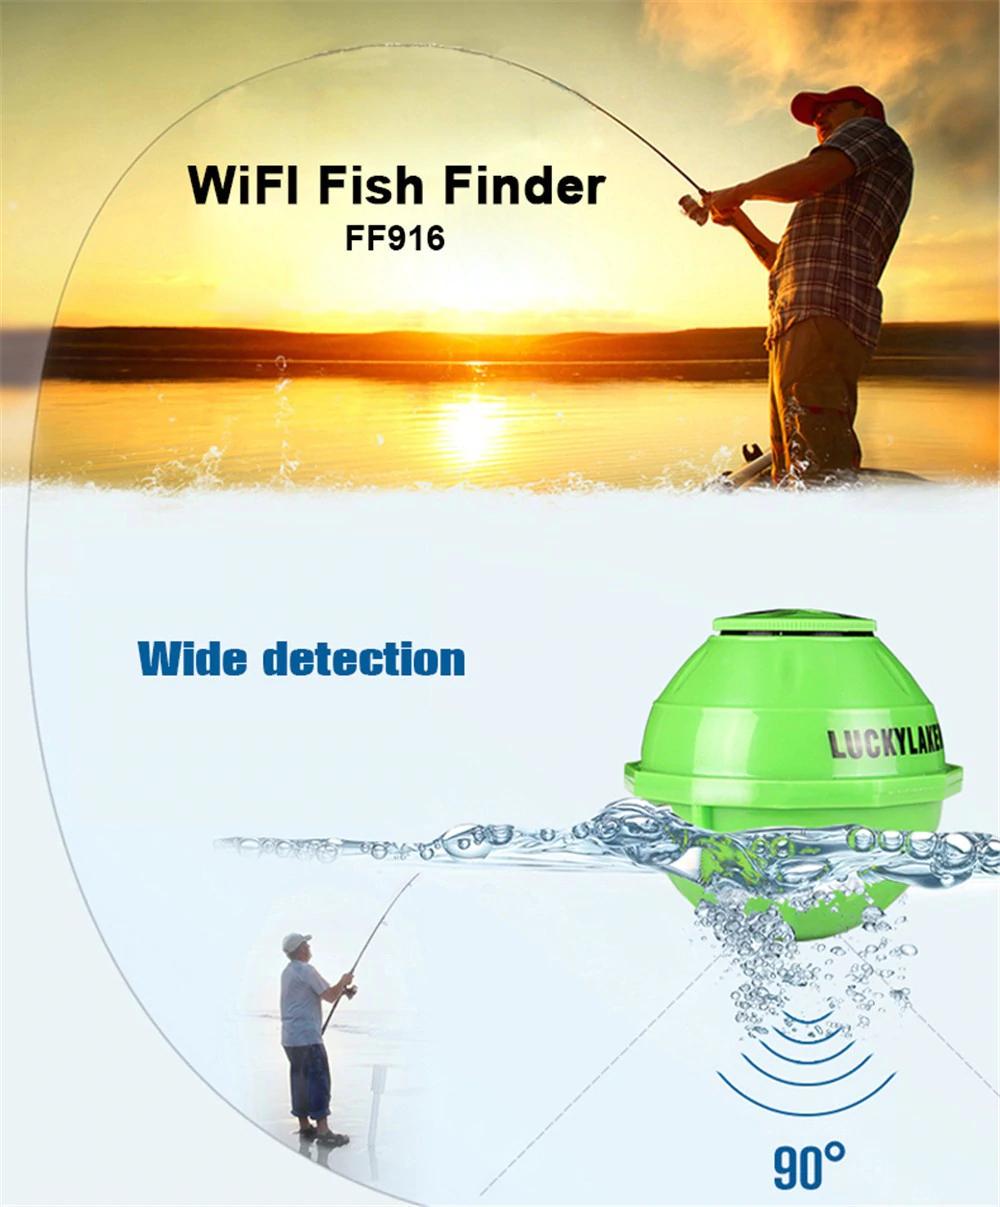 WI-FI Fisch Finder mit APP (iOS/Android), Echolot, Sonar, 50m Reichweite, kostenloser Versand aus China